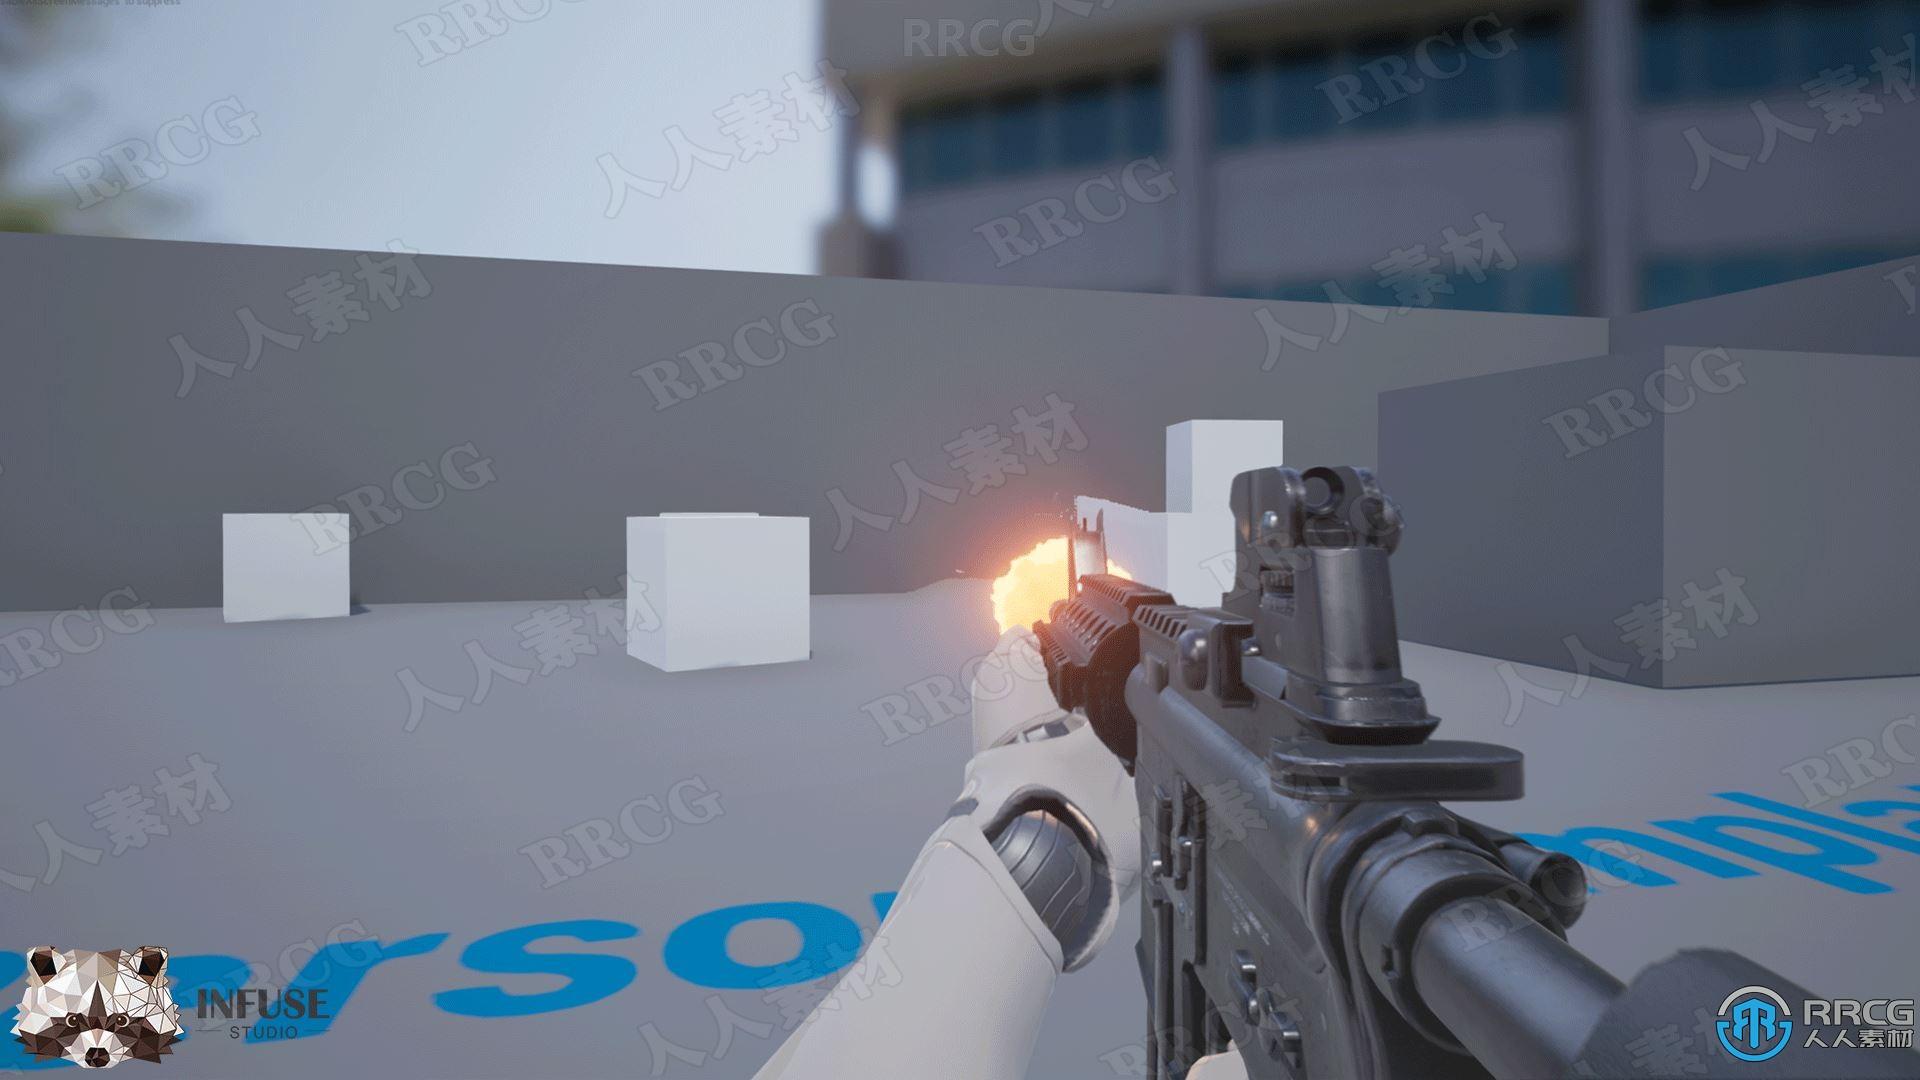 49个自定义枪械武器配备工具Unreal Engine游戏素材资源